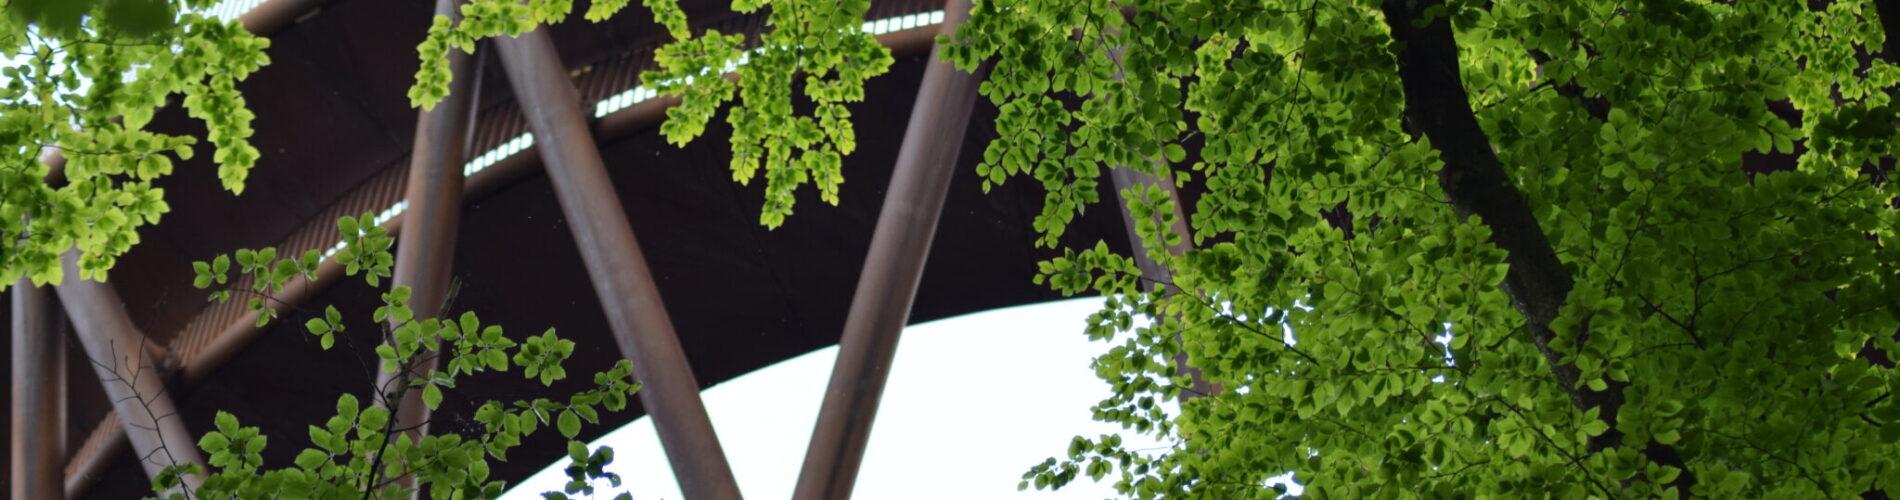 Skovtårnet ved Camp Adventure på Sjælland. En oplevelse ud over det sædvanlige.